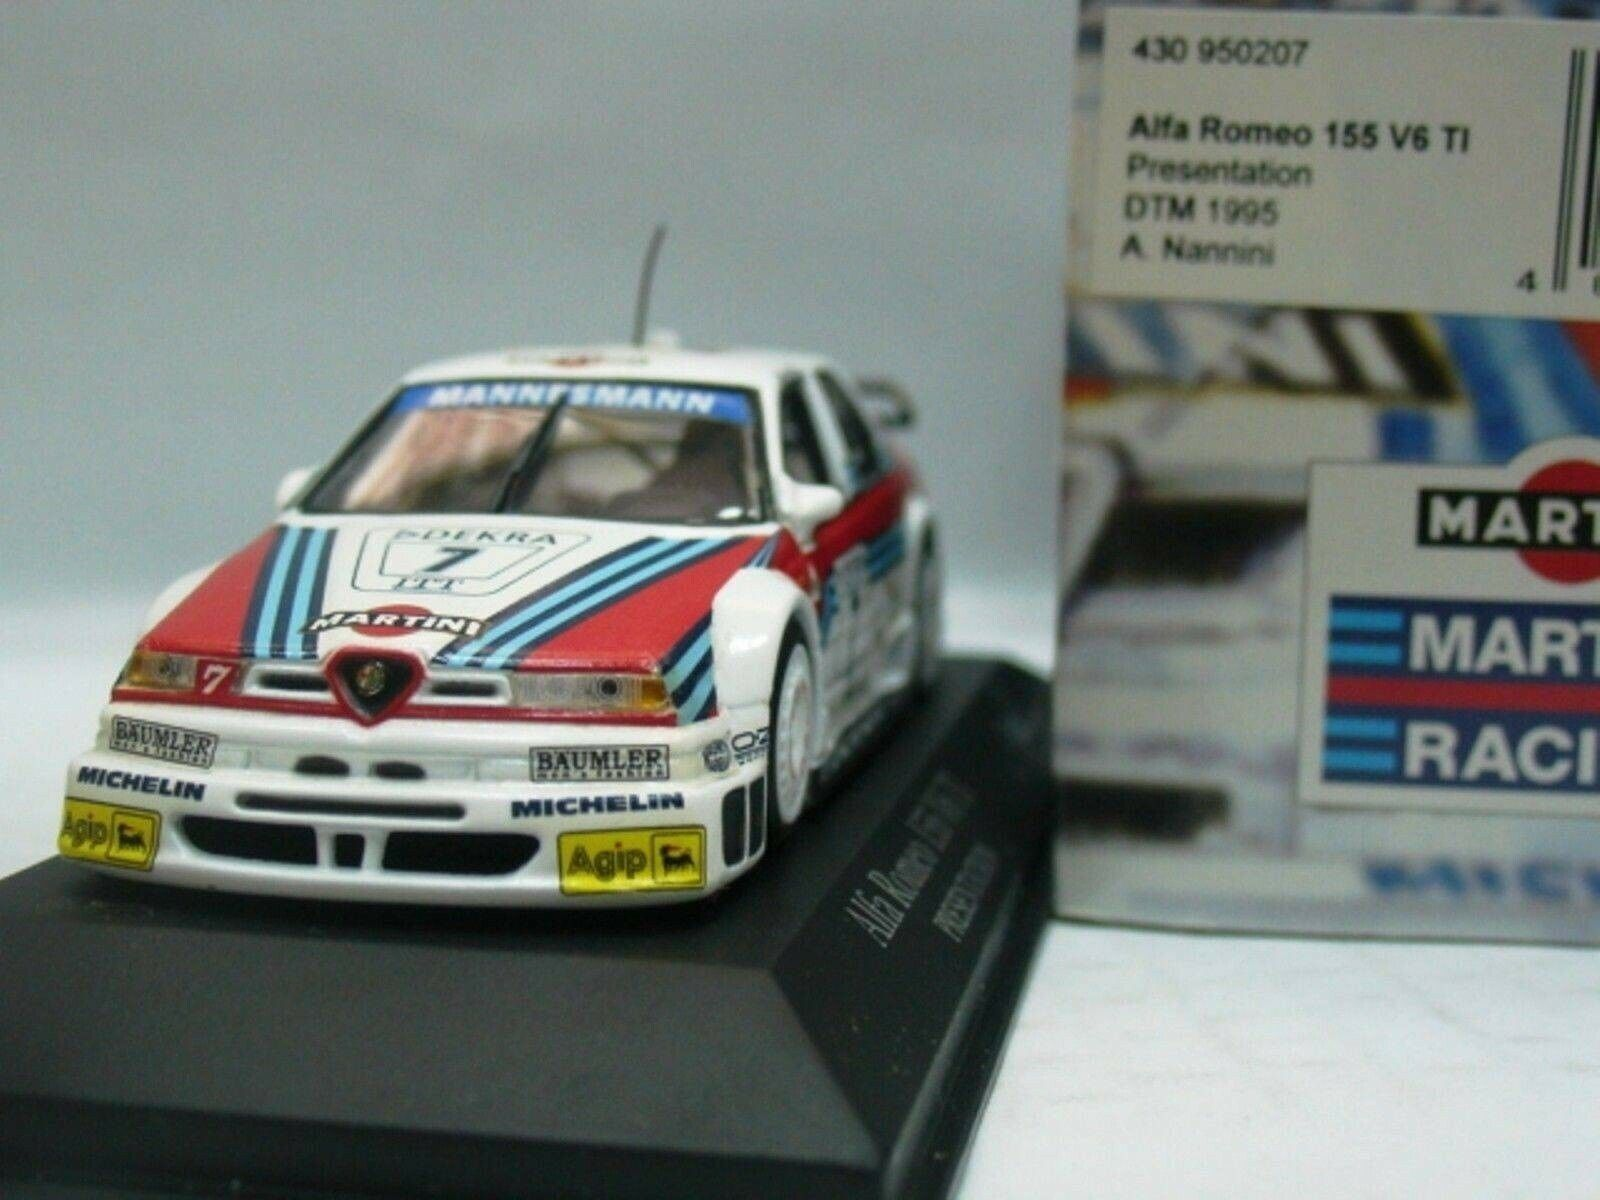 Wow extrêmement rare ALFA ROMEO 155 V6 V6 V6 DTM 1995  7 NANNINI Presen 1 43 Minichamps 33ac2c